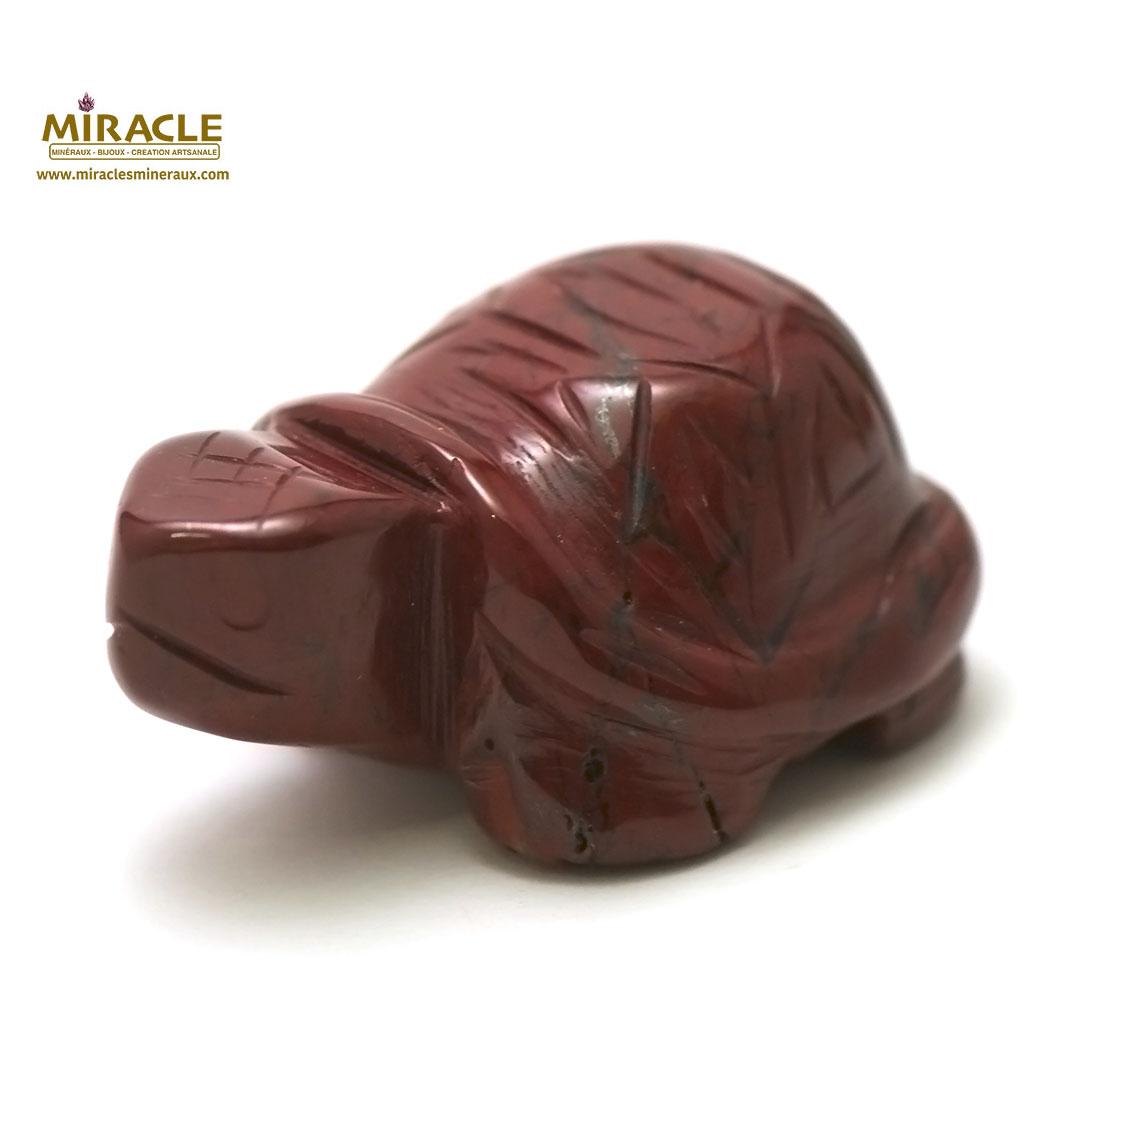 Magnifique statuette tortue en pierre naturelle de jaspe rouge